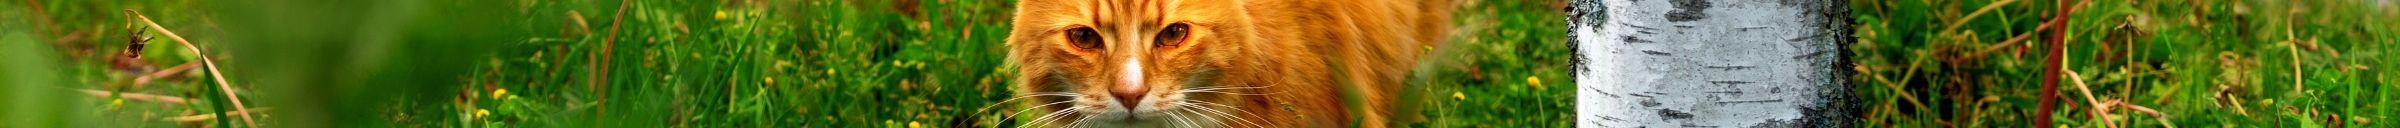 kintone ポータル スペース カバー画像(猫シリーズ)150